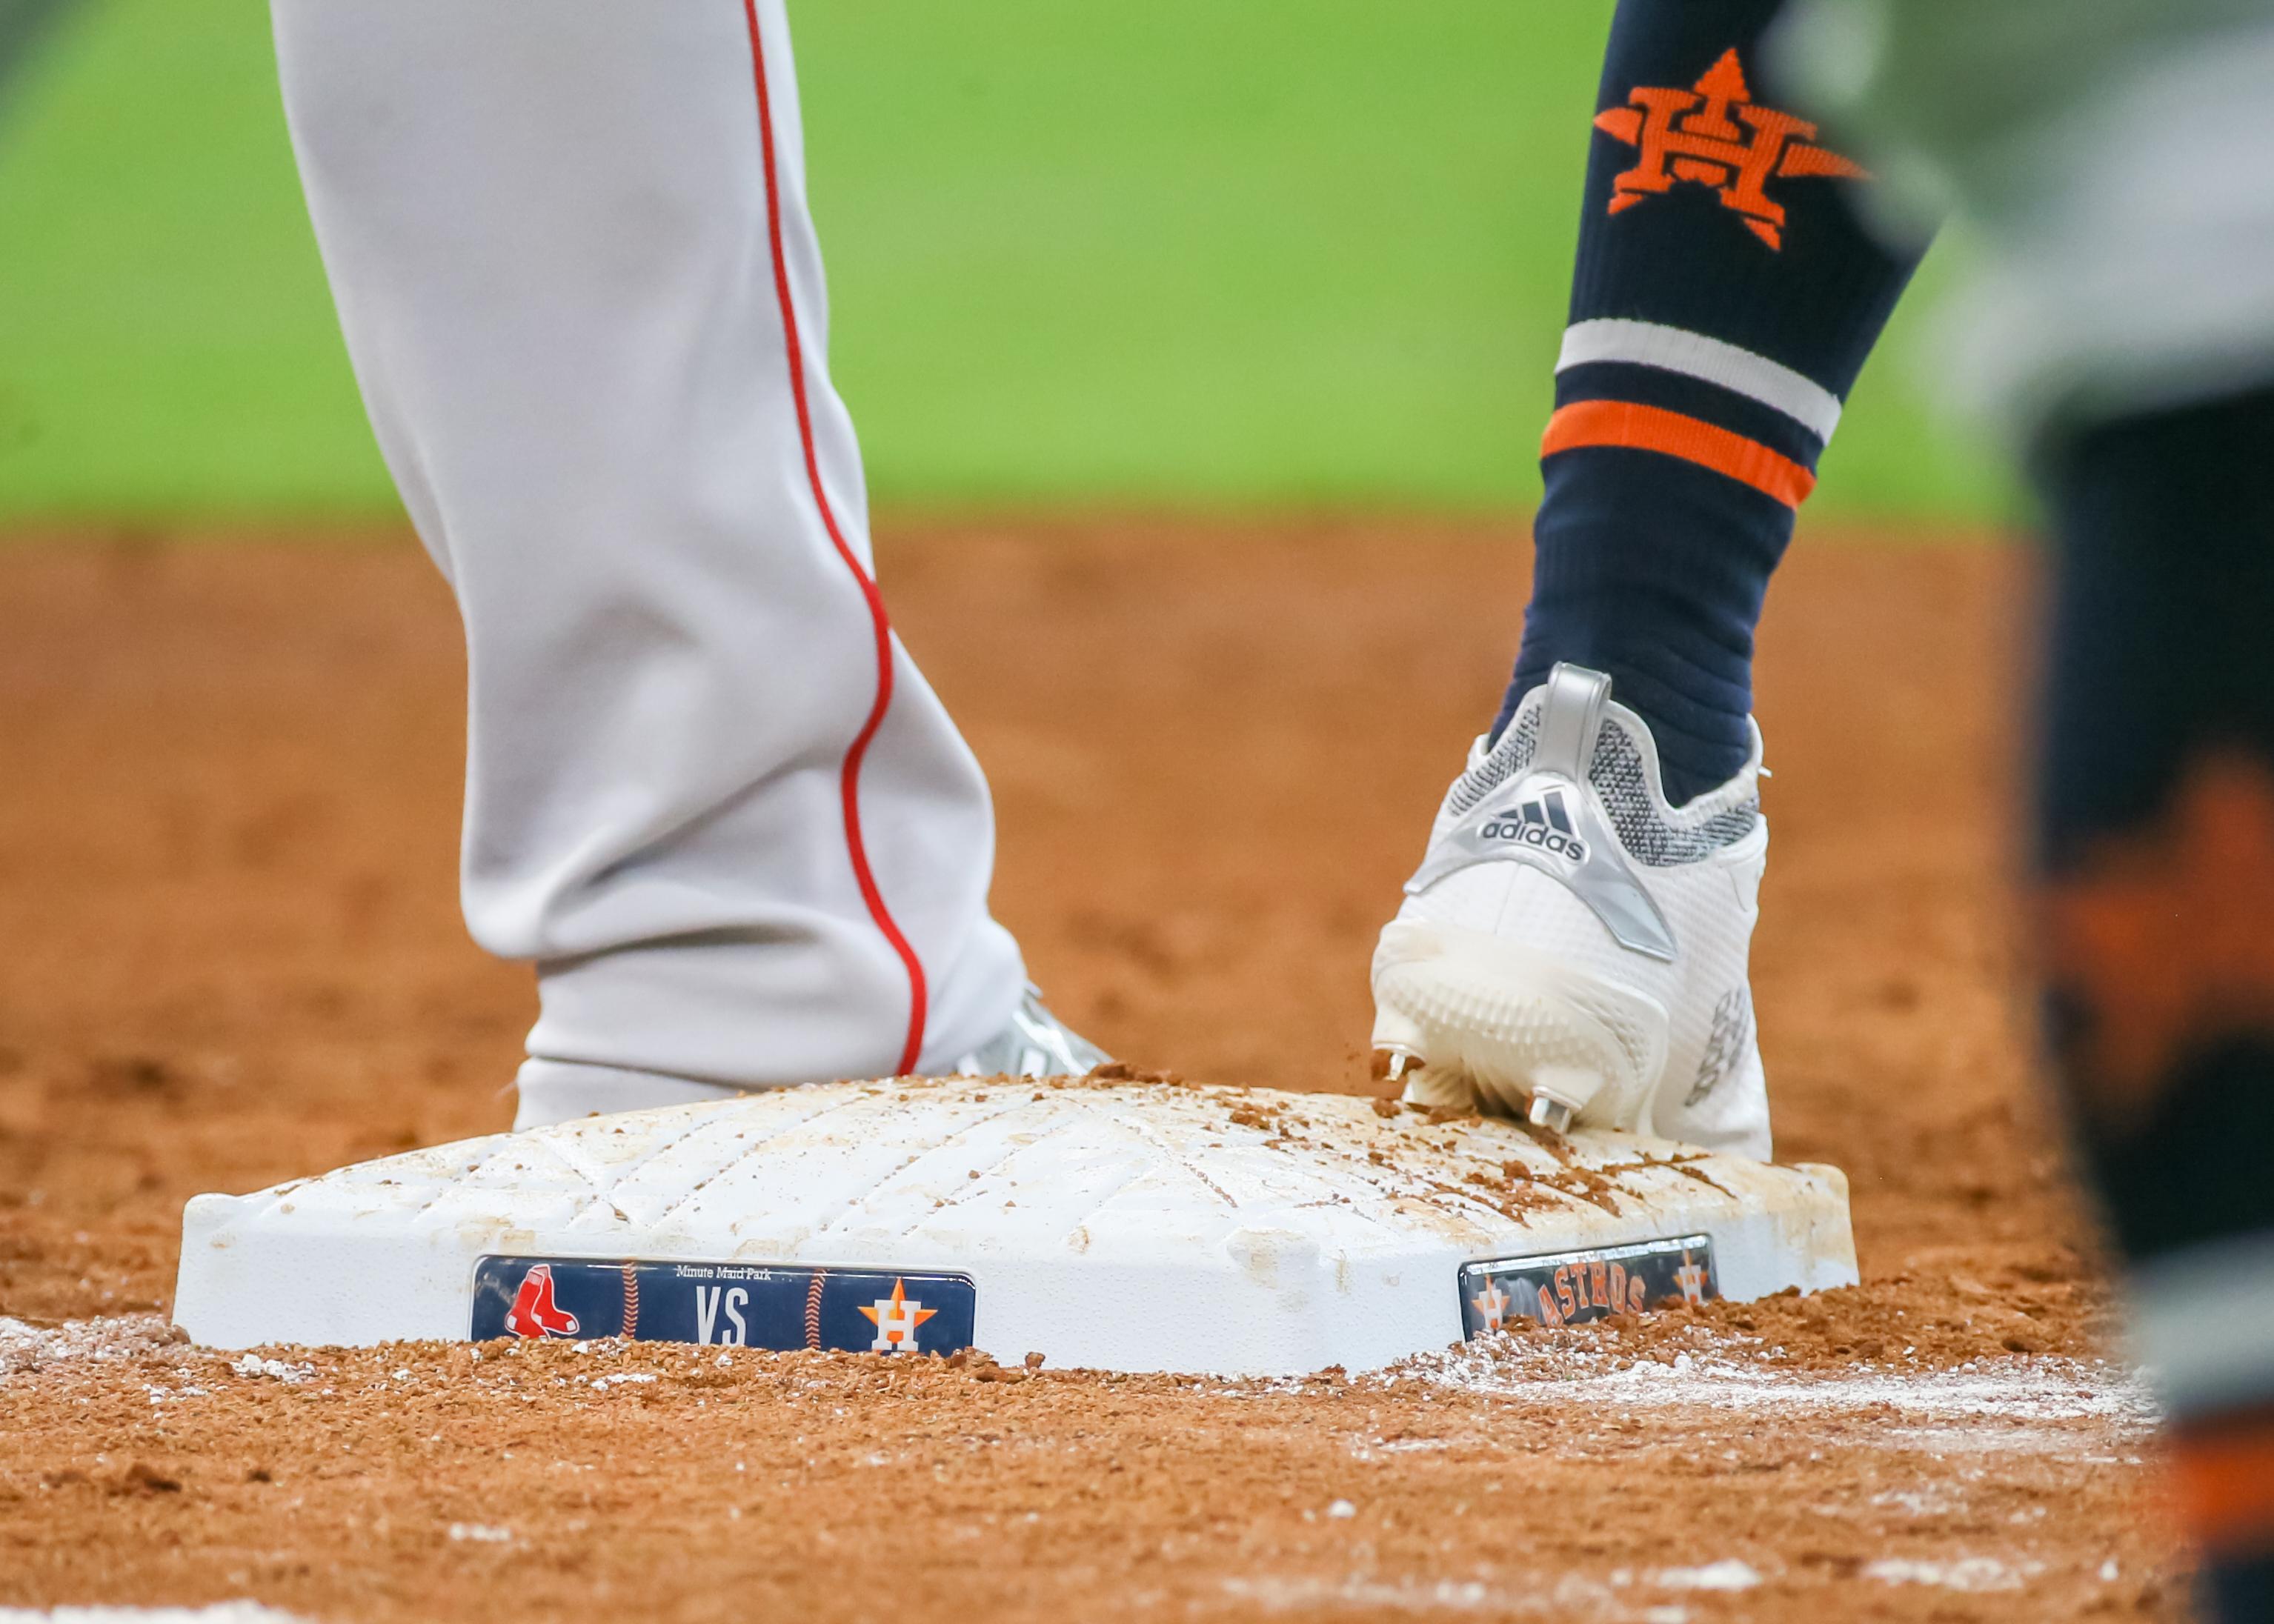 MLB: MAY 26 Red Sox at Astros